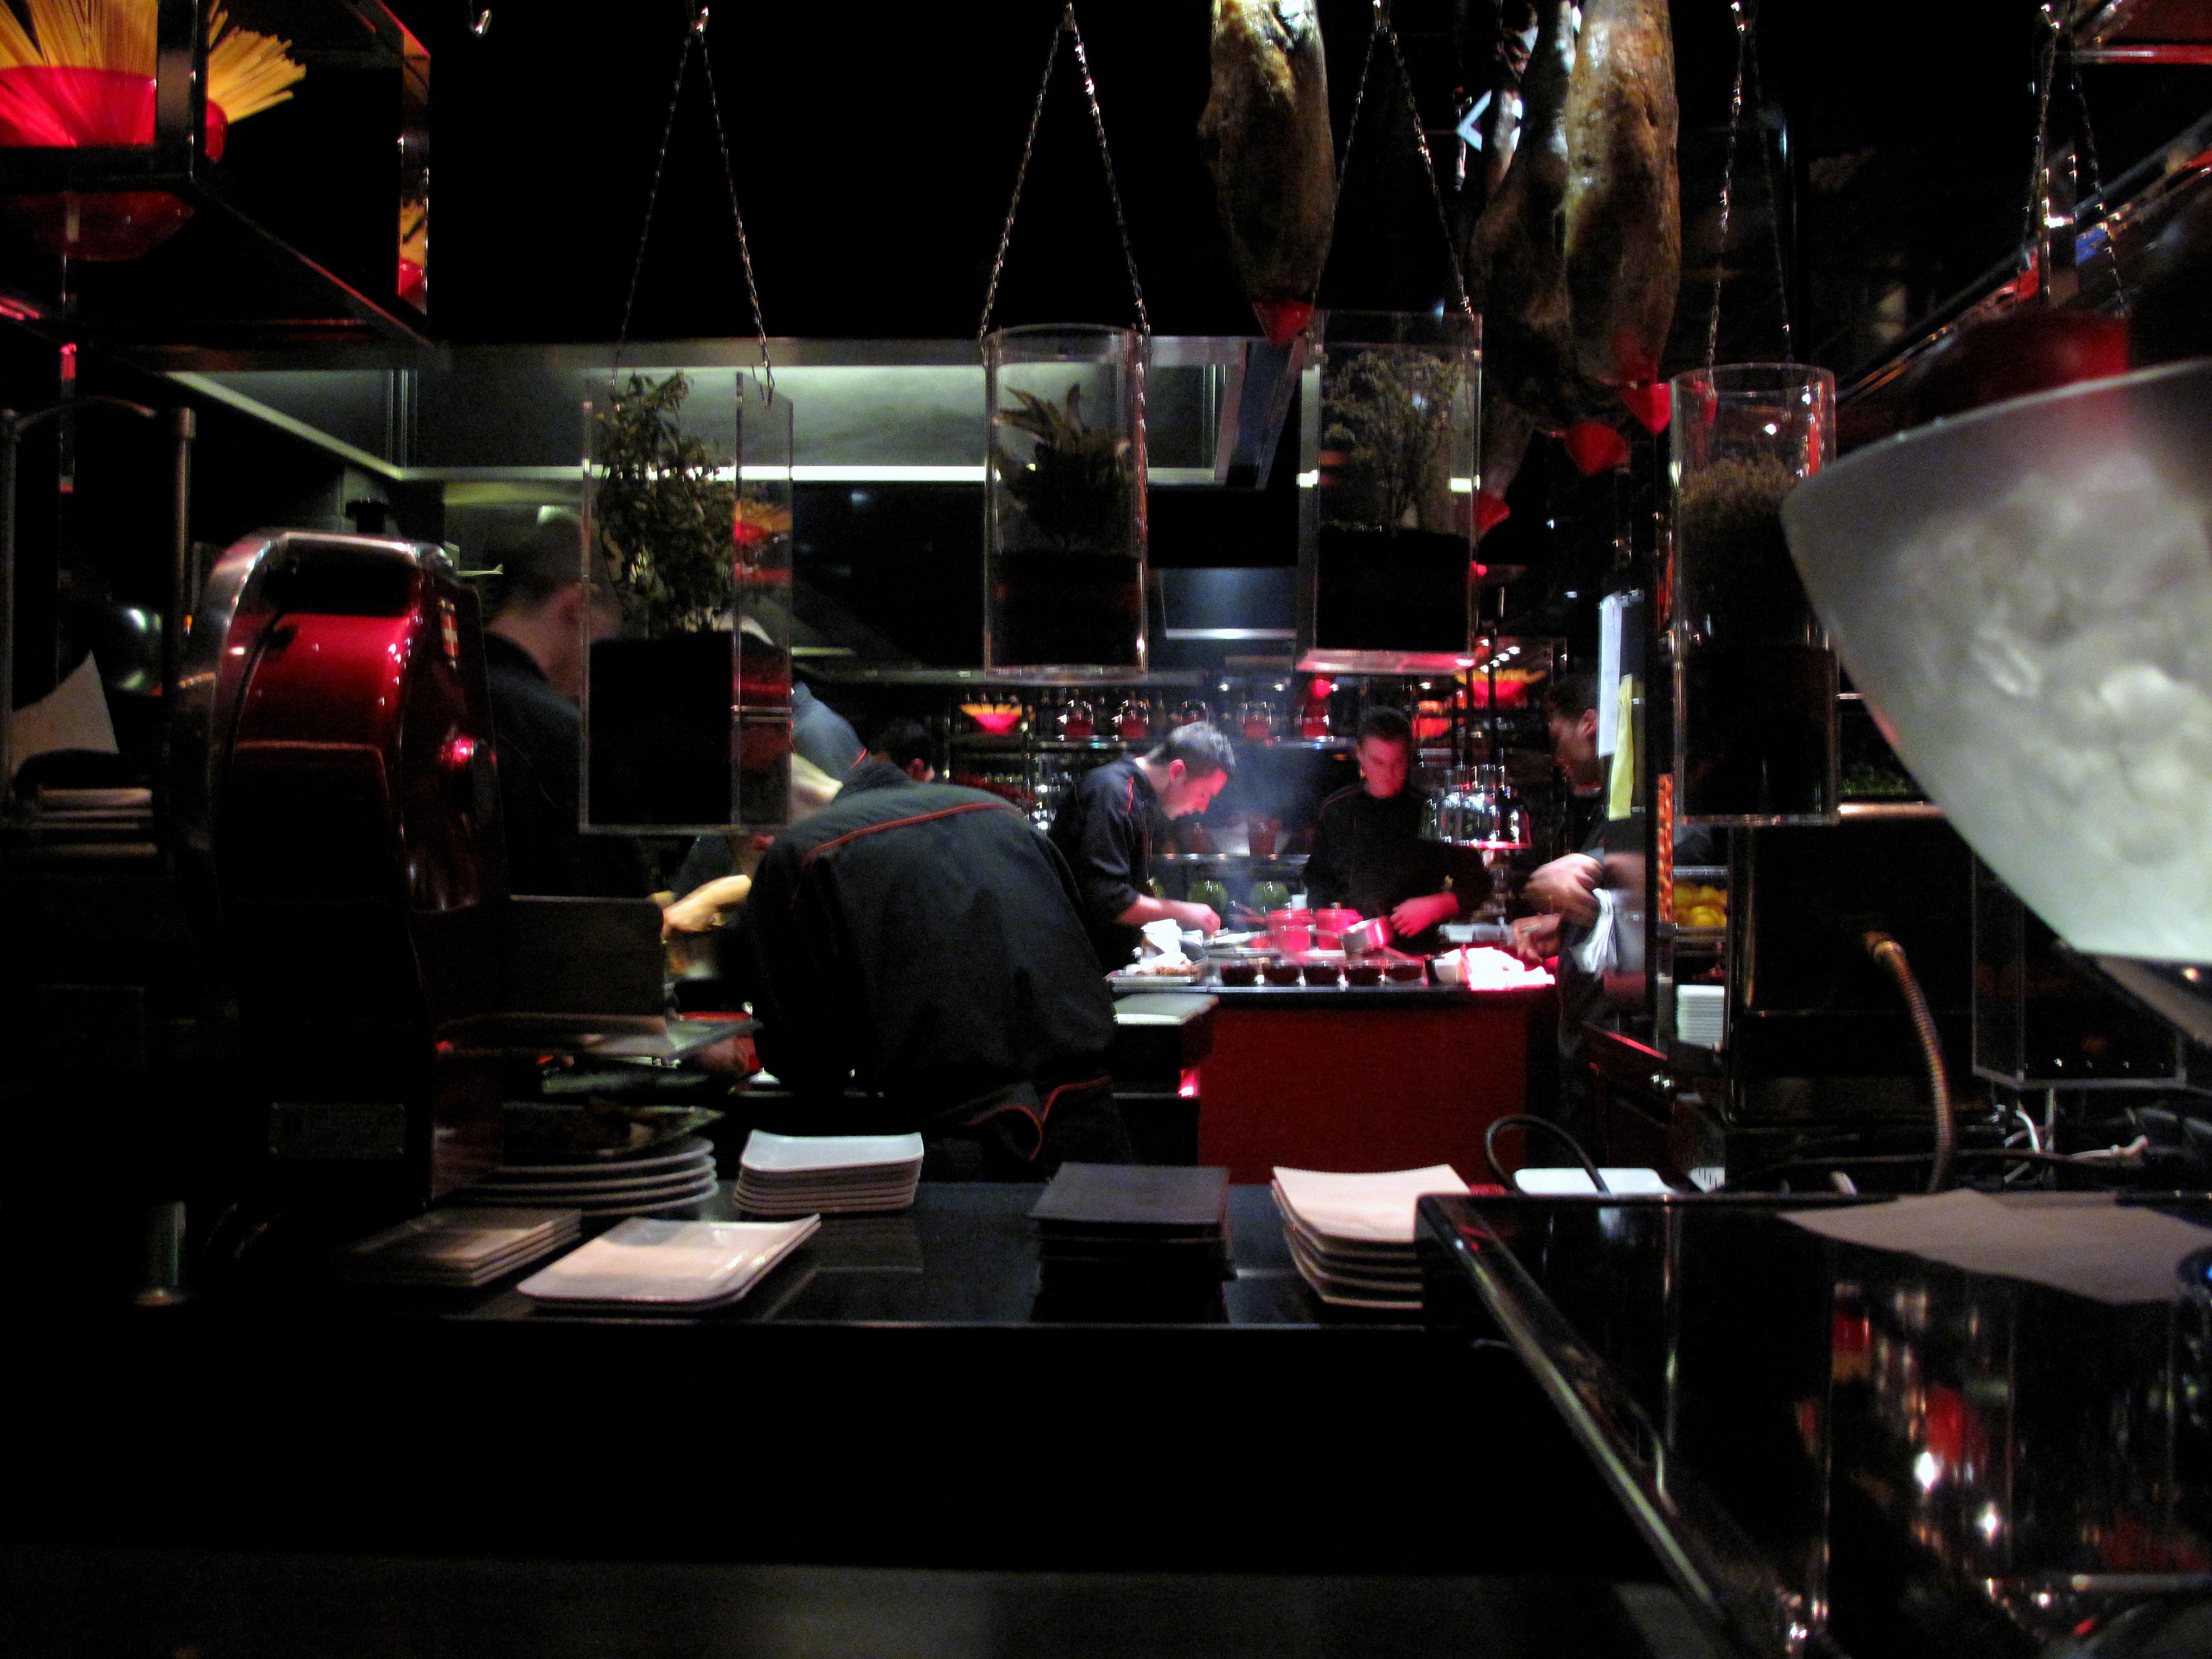 L atelier de jo l robuchon paris food snob for Atelier de cuisine paris